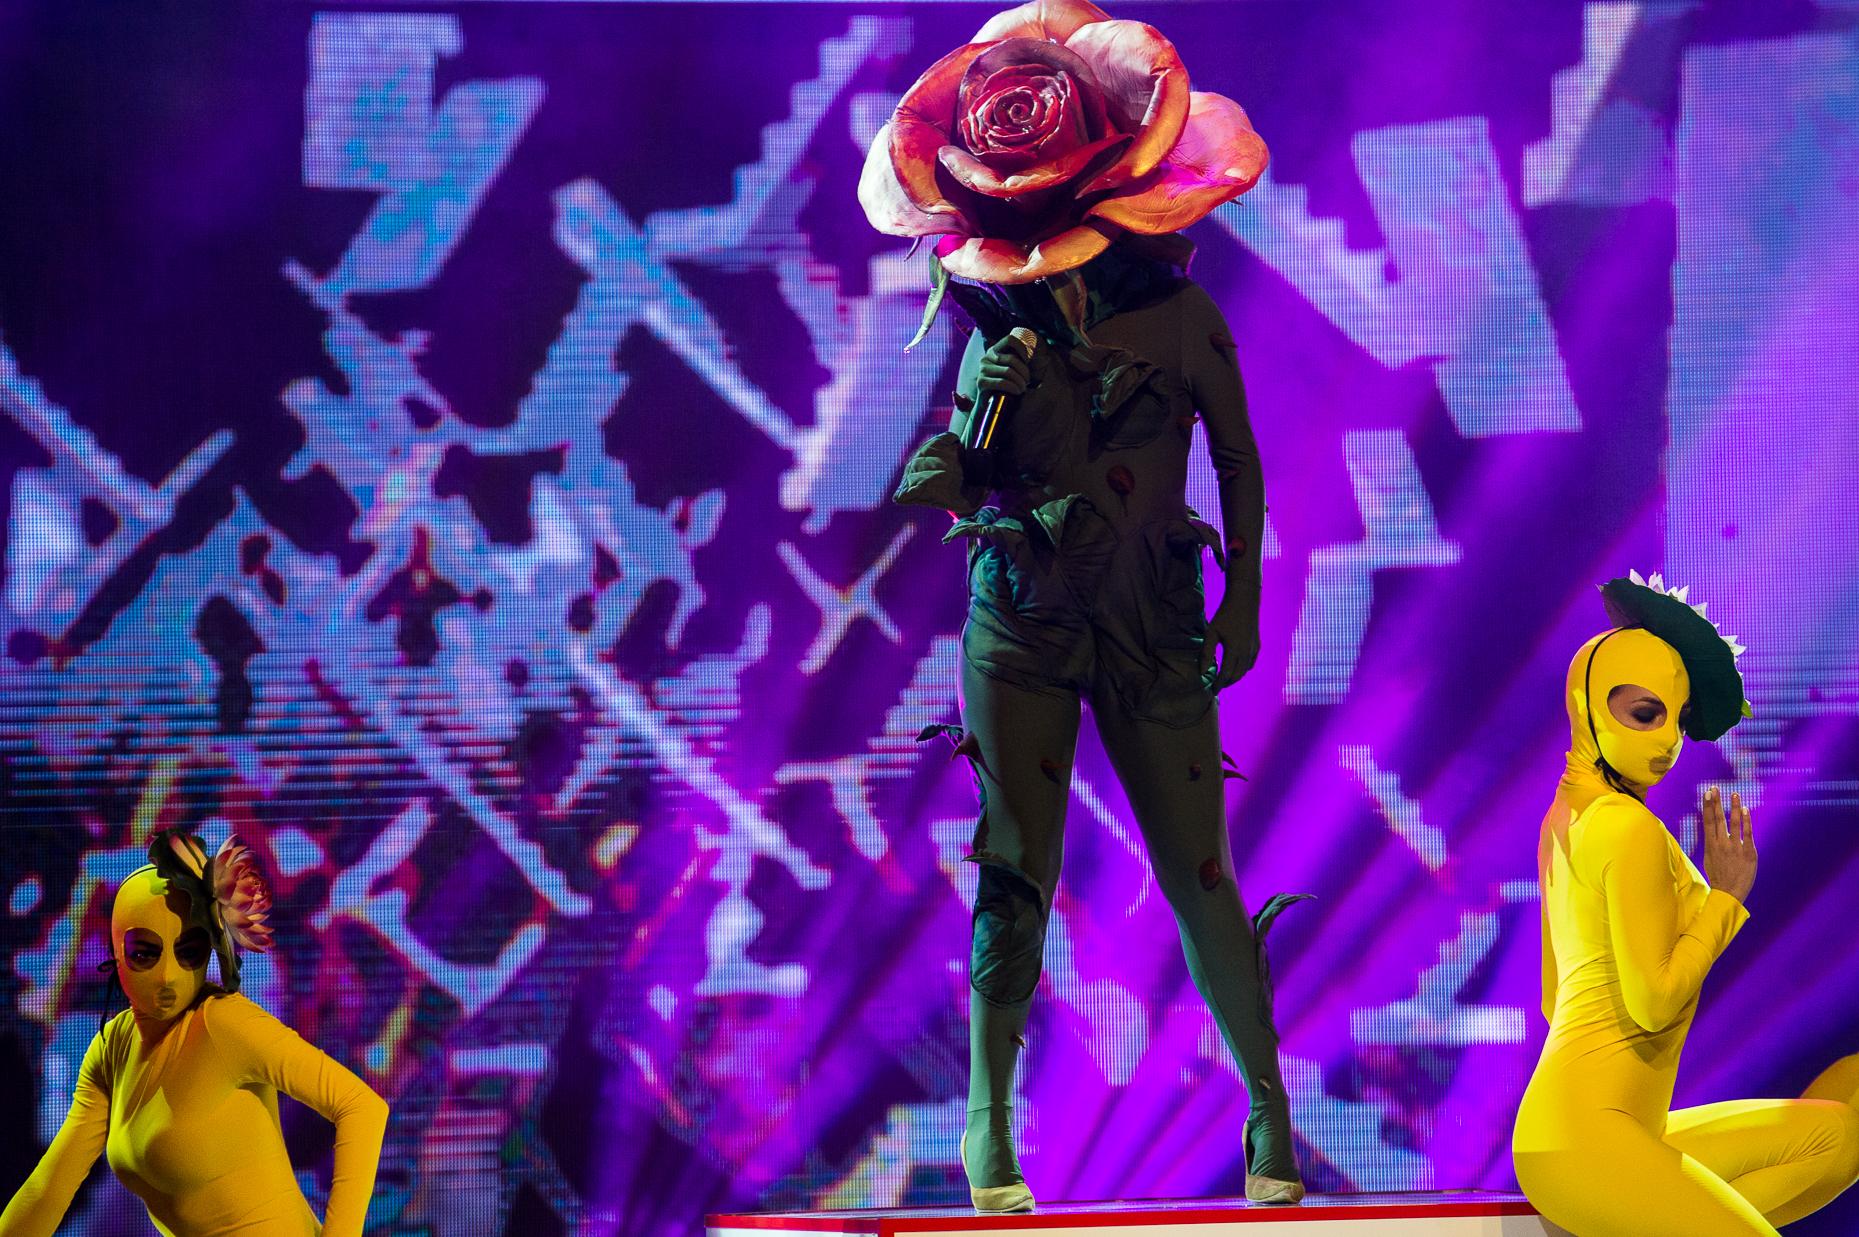 <p>Розата изпълнява The Winners Takes It All на Abba&nbsp;</p>